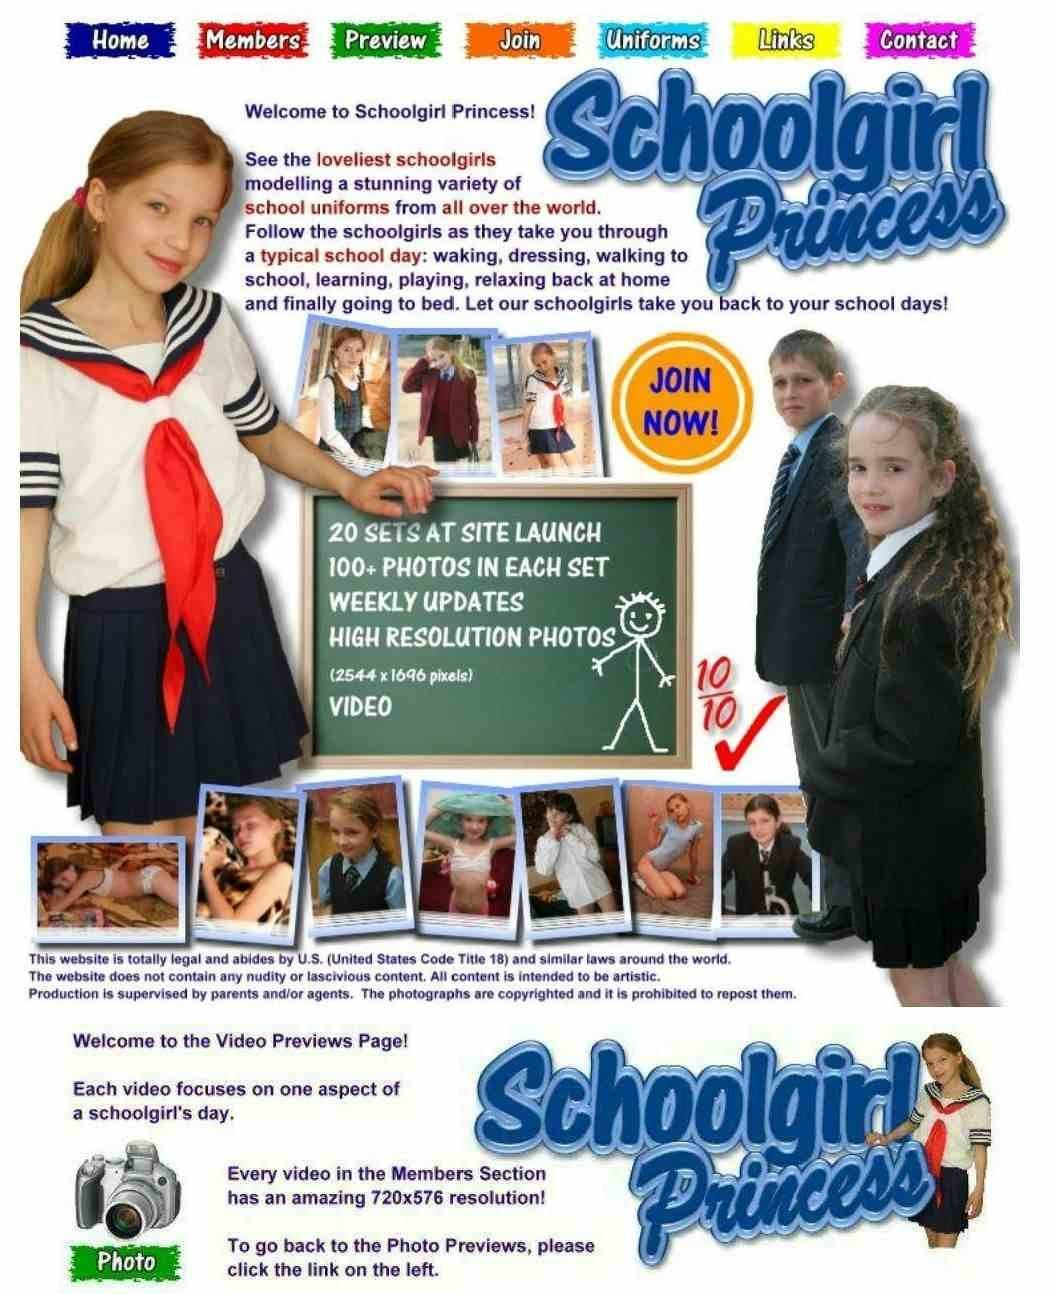 Schoolgirl Princess